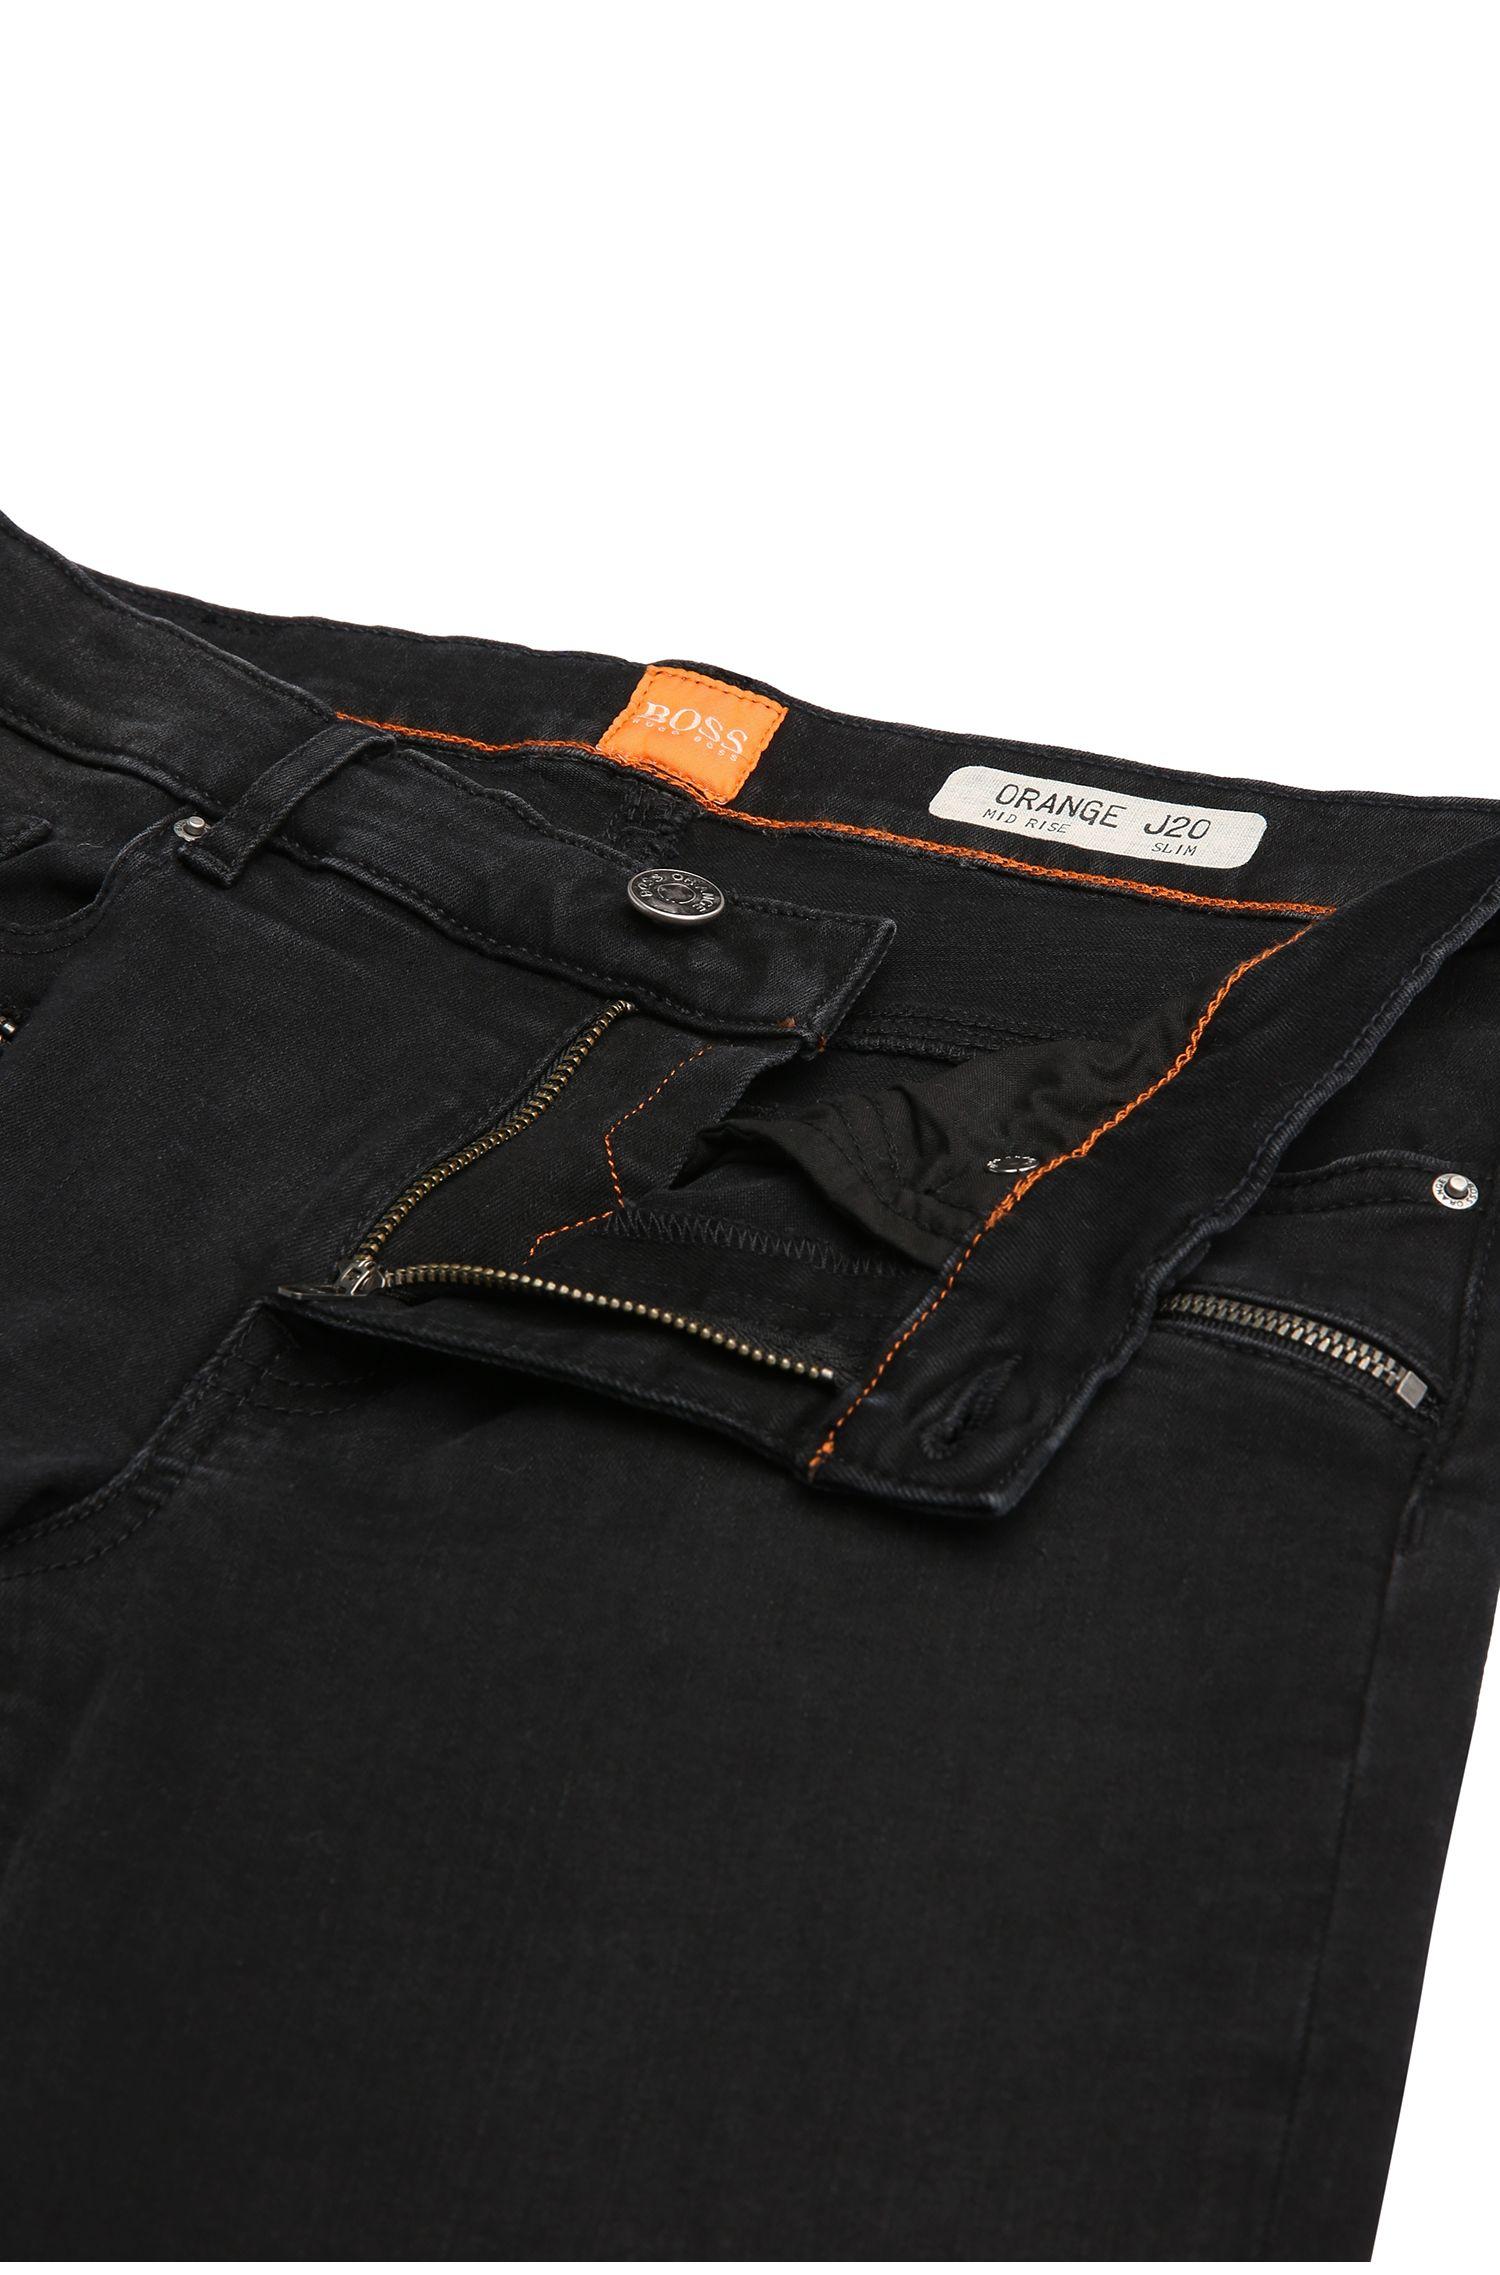 Jeans motard Slim Fit en coton extensible mélangé: «Orange J20 Dundee»